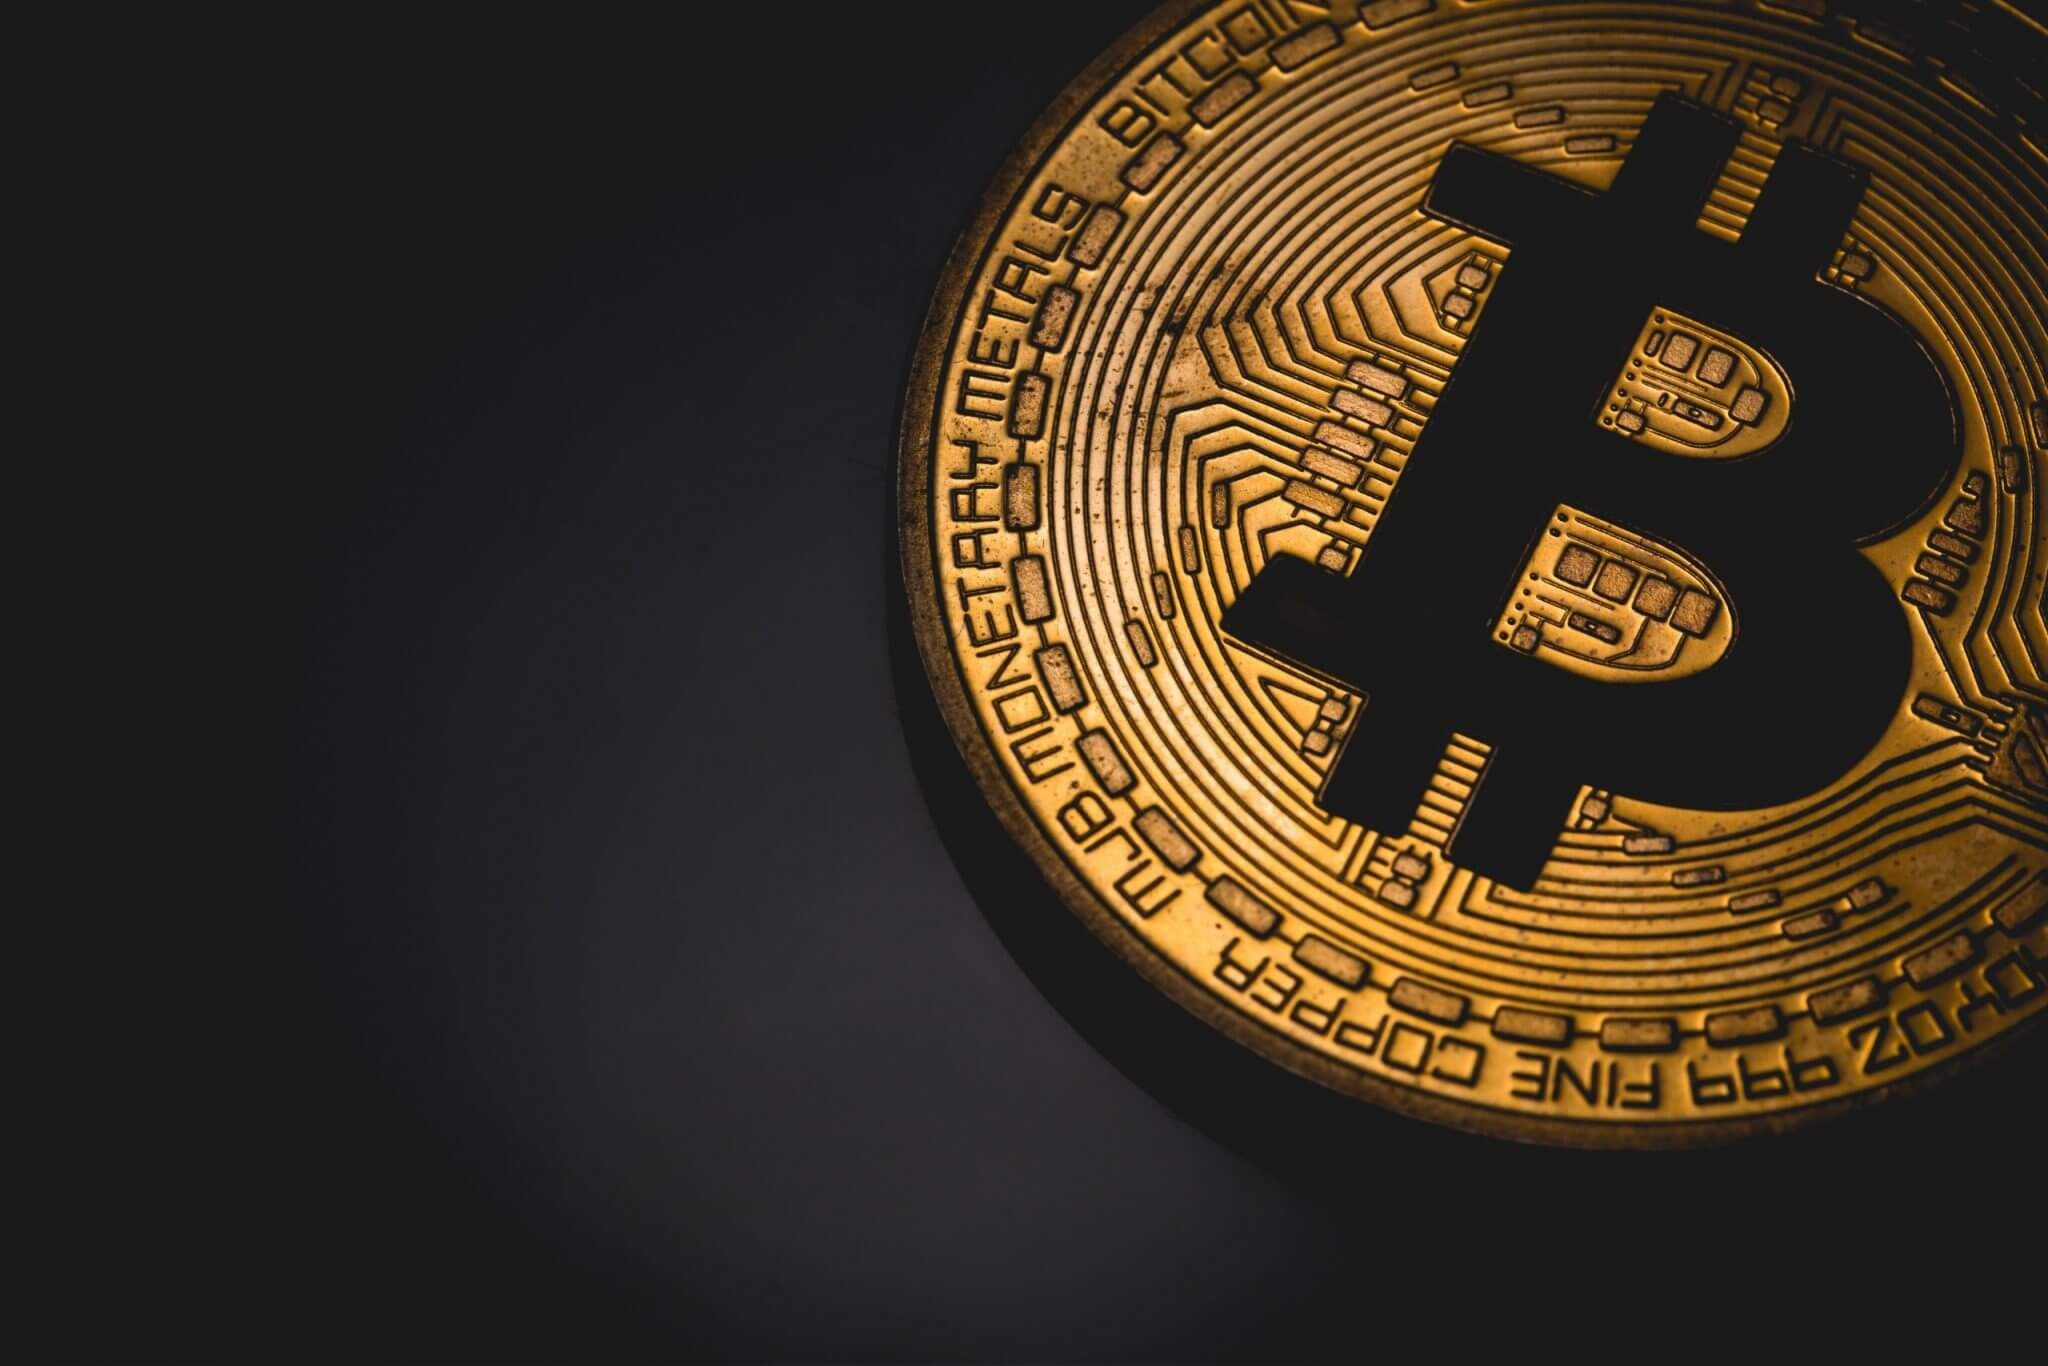 Viete čo je Bitcoin a ako dnes fungujú kryptomeny?